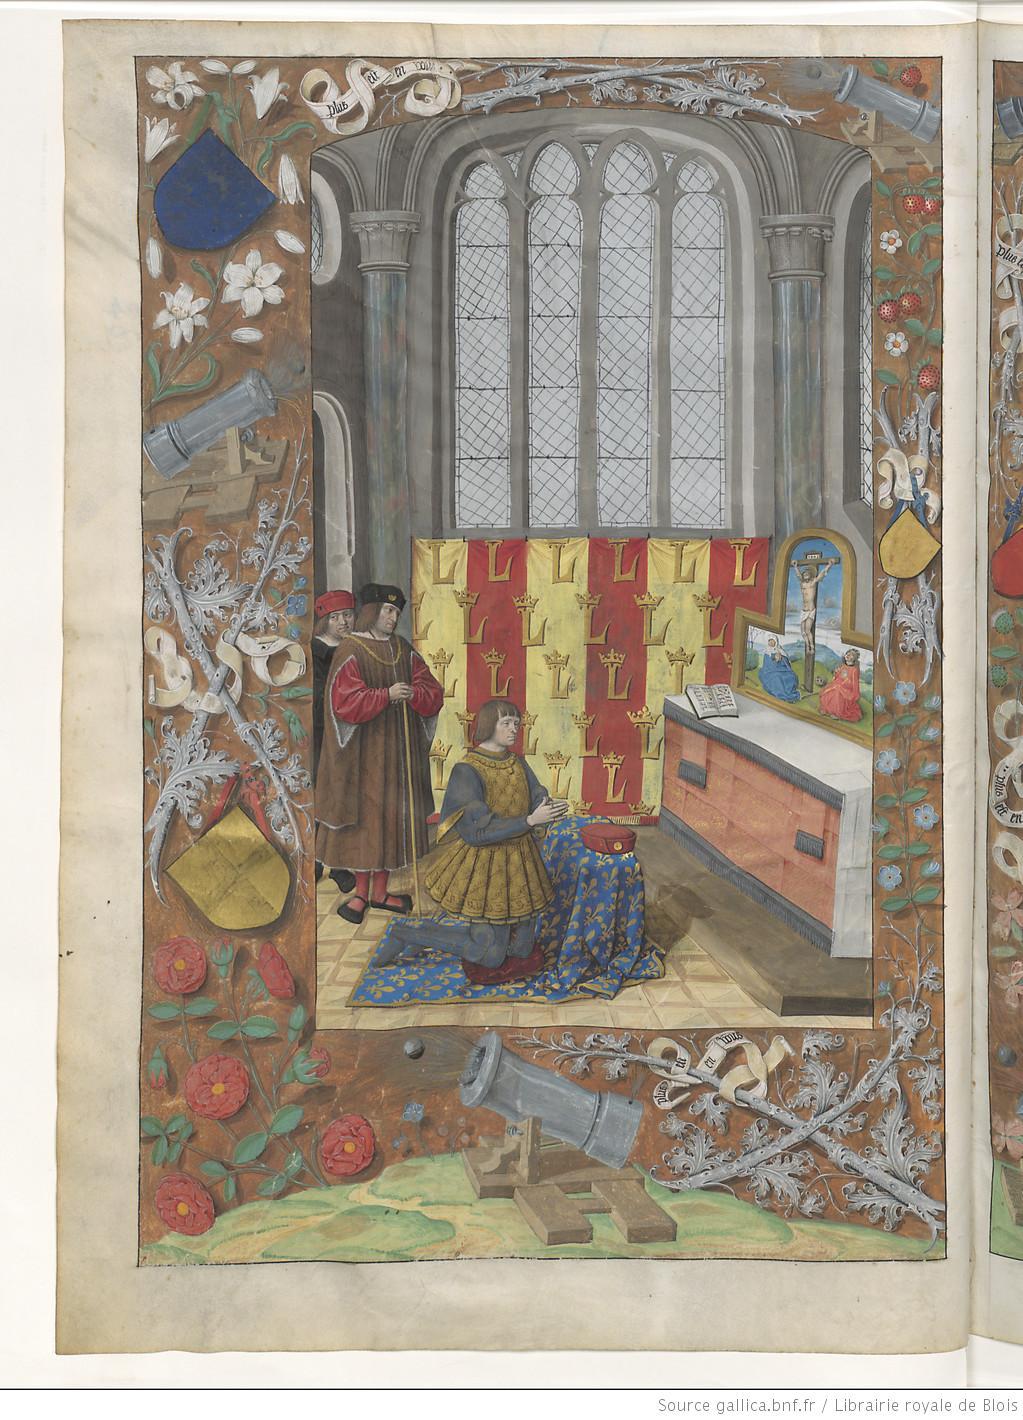 un prince de l 39 enluminure jean bourdichon peintre de cour. Black Bedroom Furniture Sets. Home Design Ideas